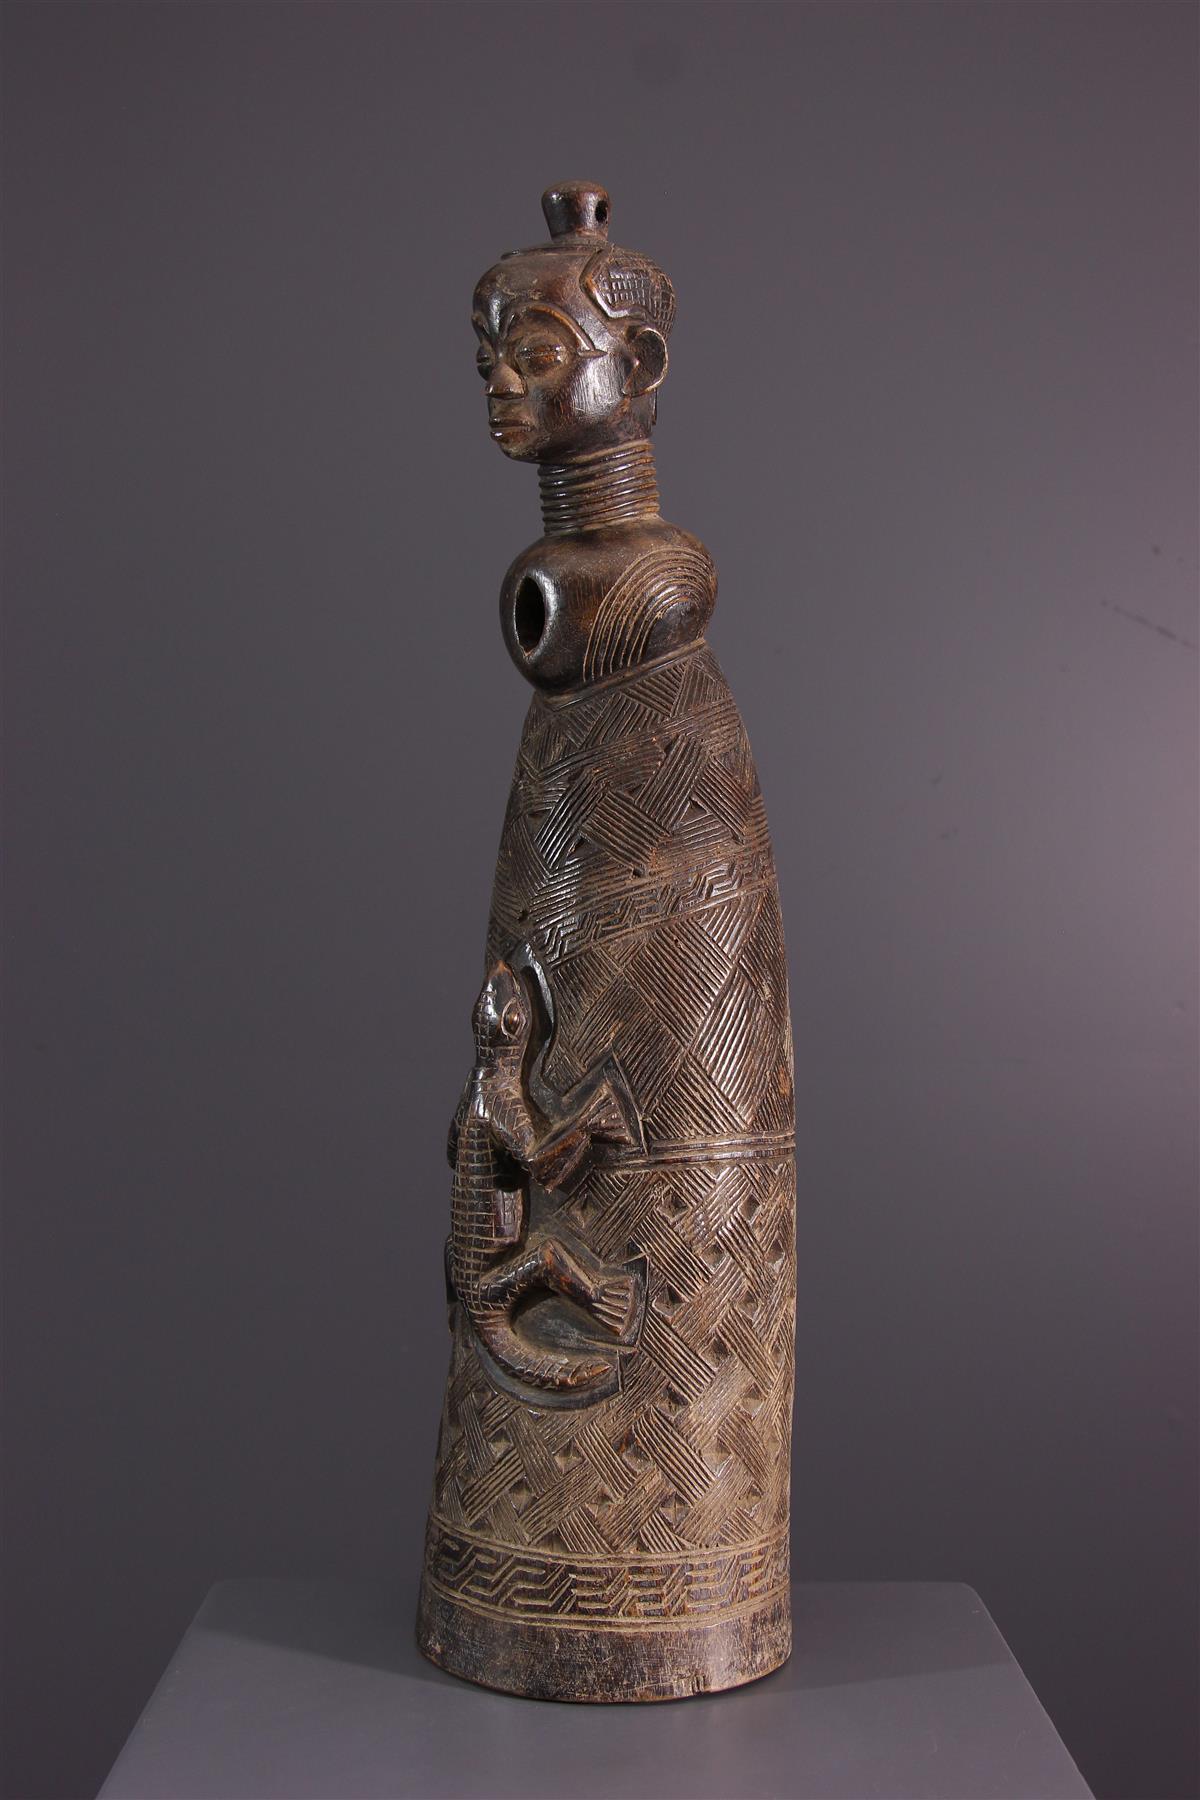 Kuba hoorn - Afrikaanse kunst